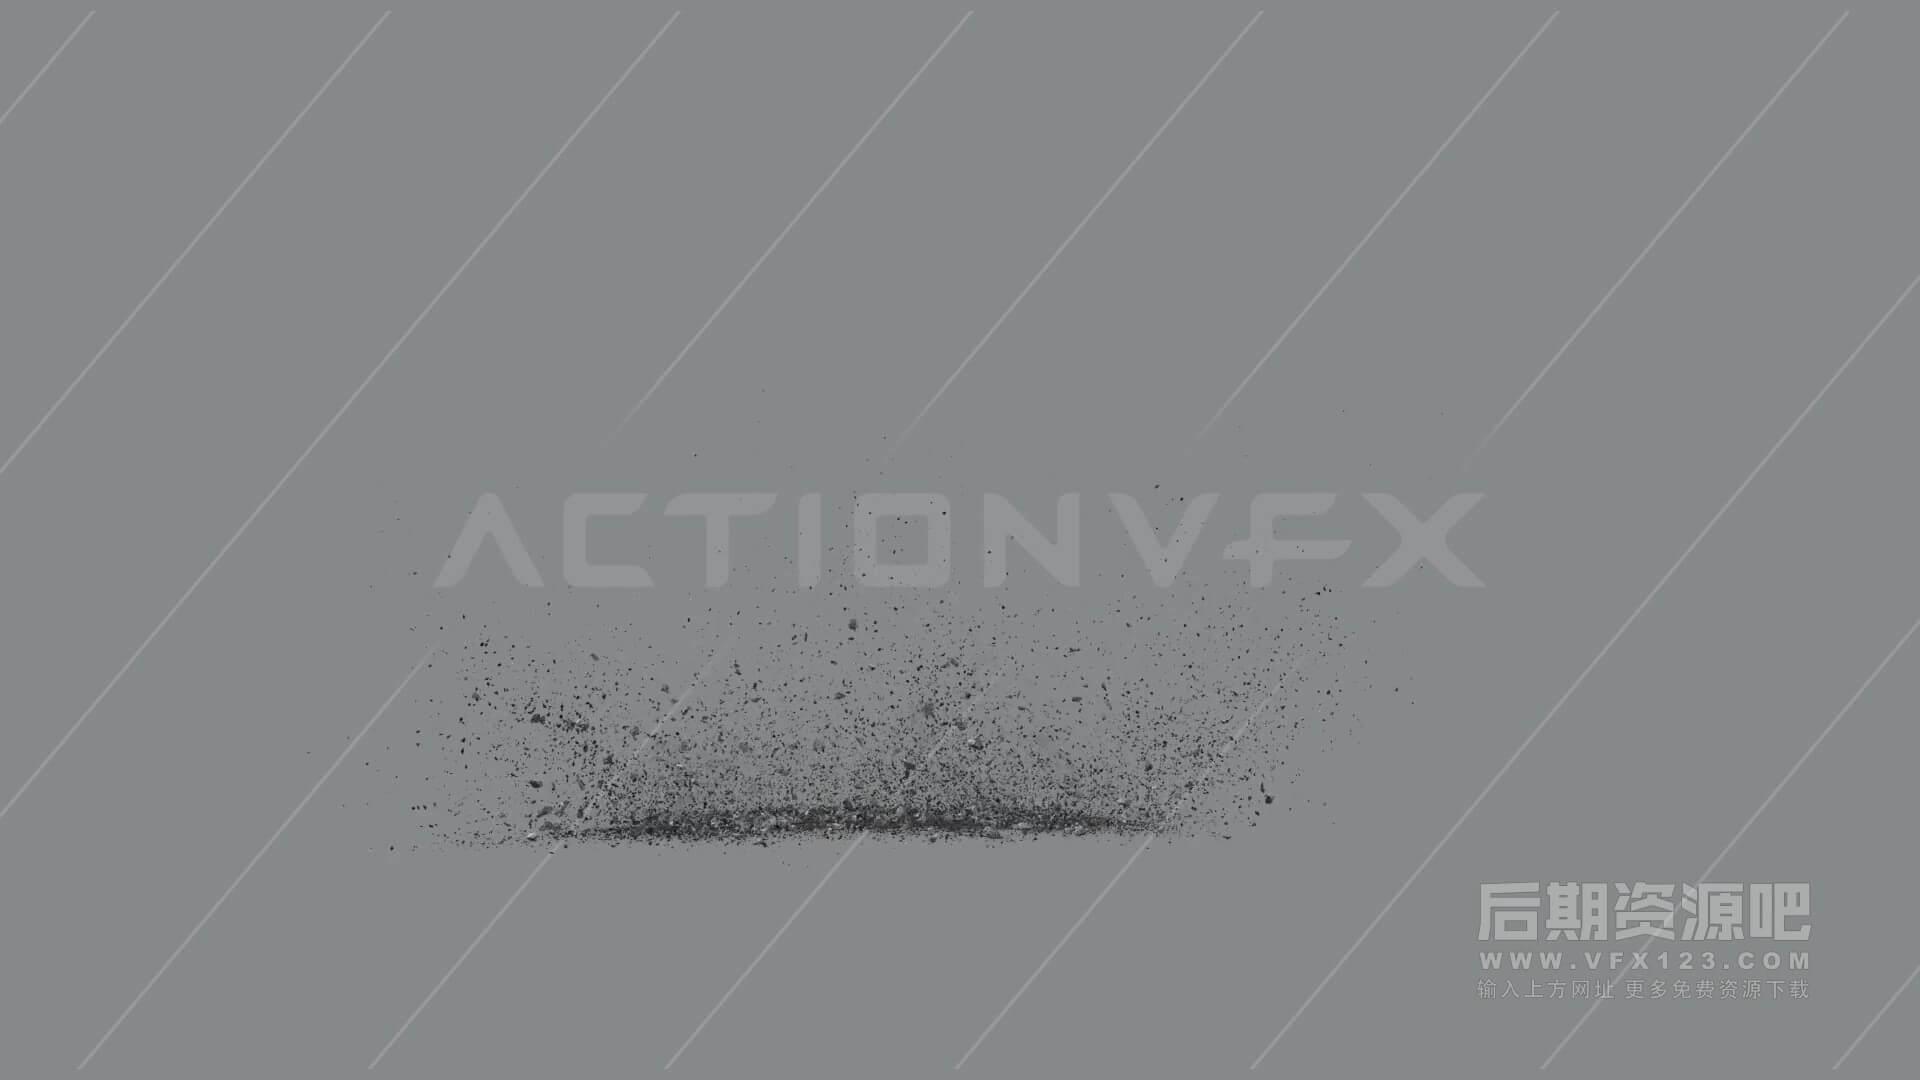 视频素材 20个爆炸混凝土碎屑飞溅特效合成素材 EXPLODING DEBRIS VOL. 2